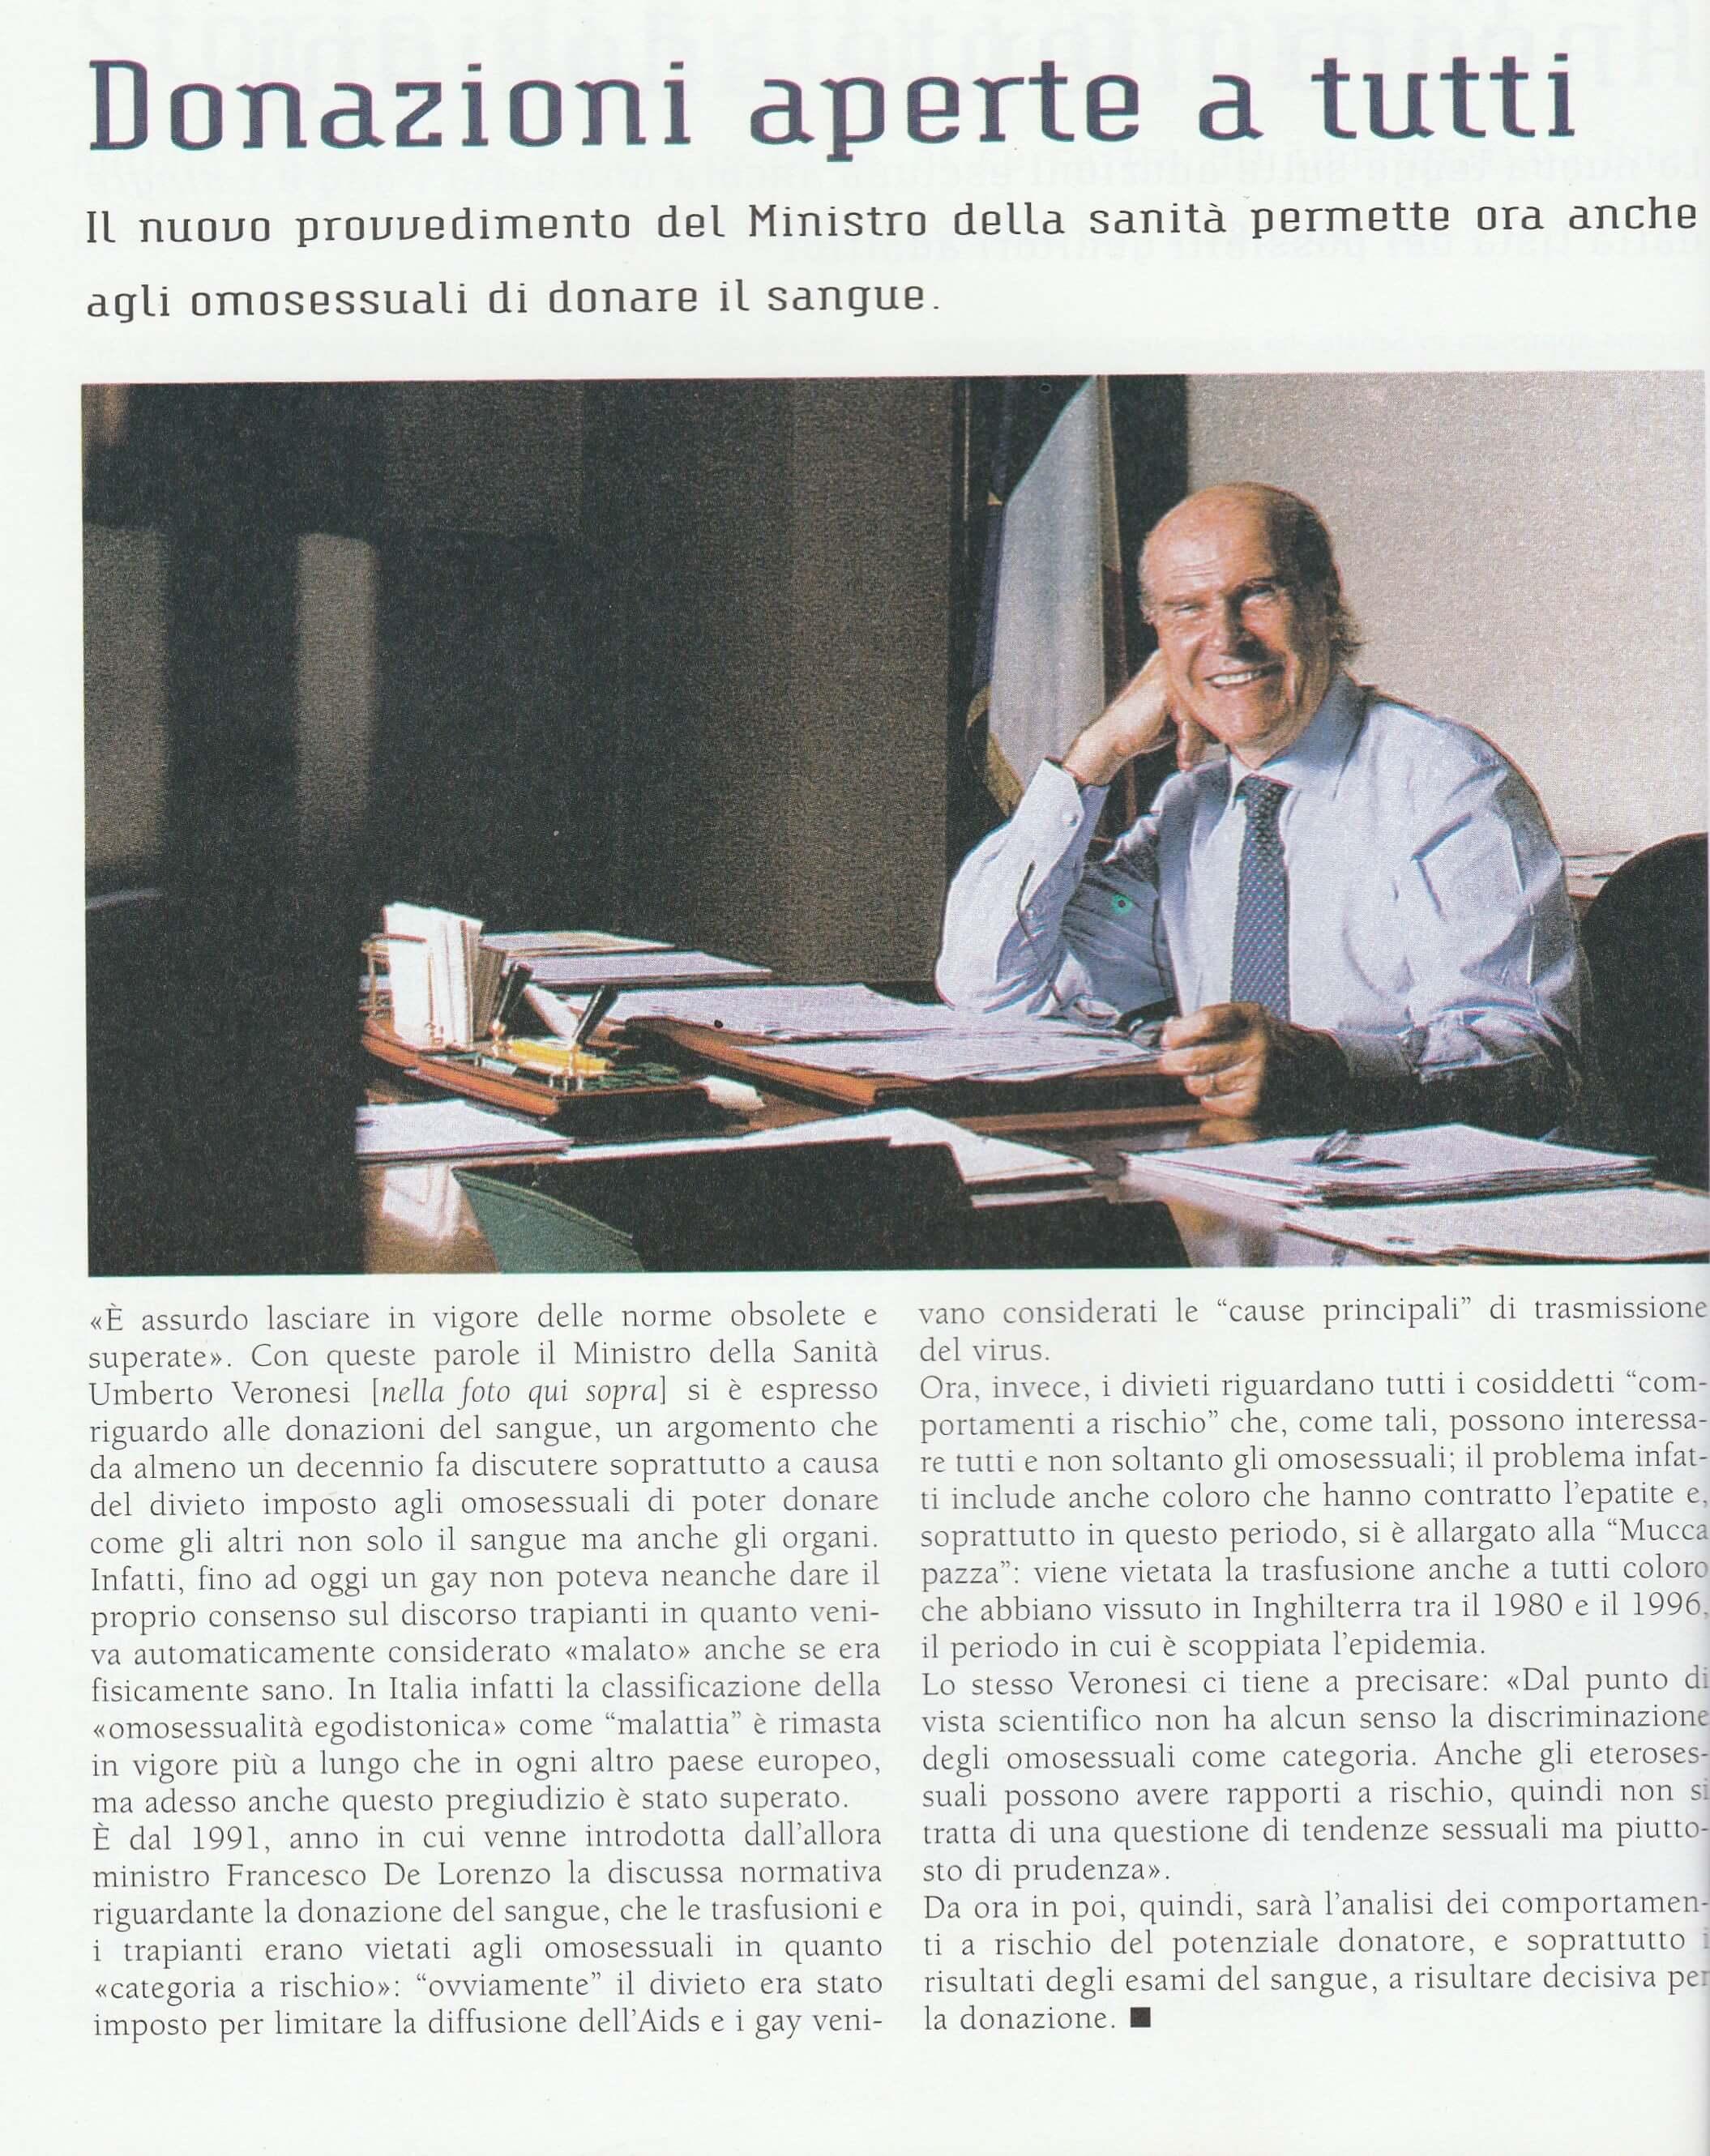 """Nel 2001 un provvedimento dell'allora Ministro della Sanità Umberto Veronesi permise anche agli omosessuali di donare il sangue. Articolo da """"Babilonia"""" del gennaio 2001."""